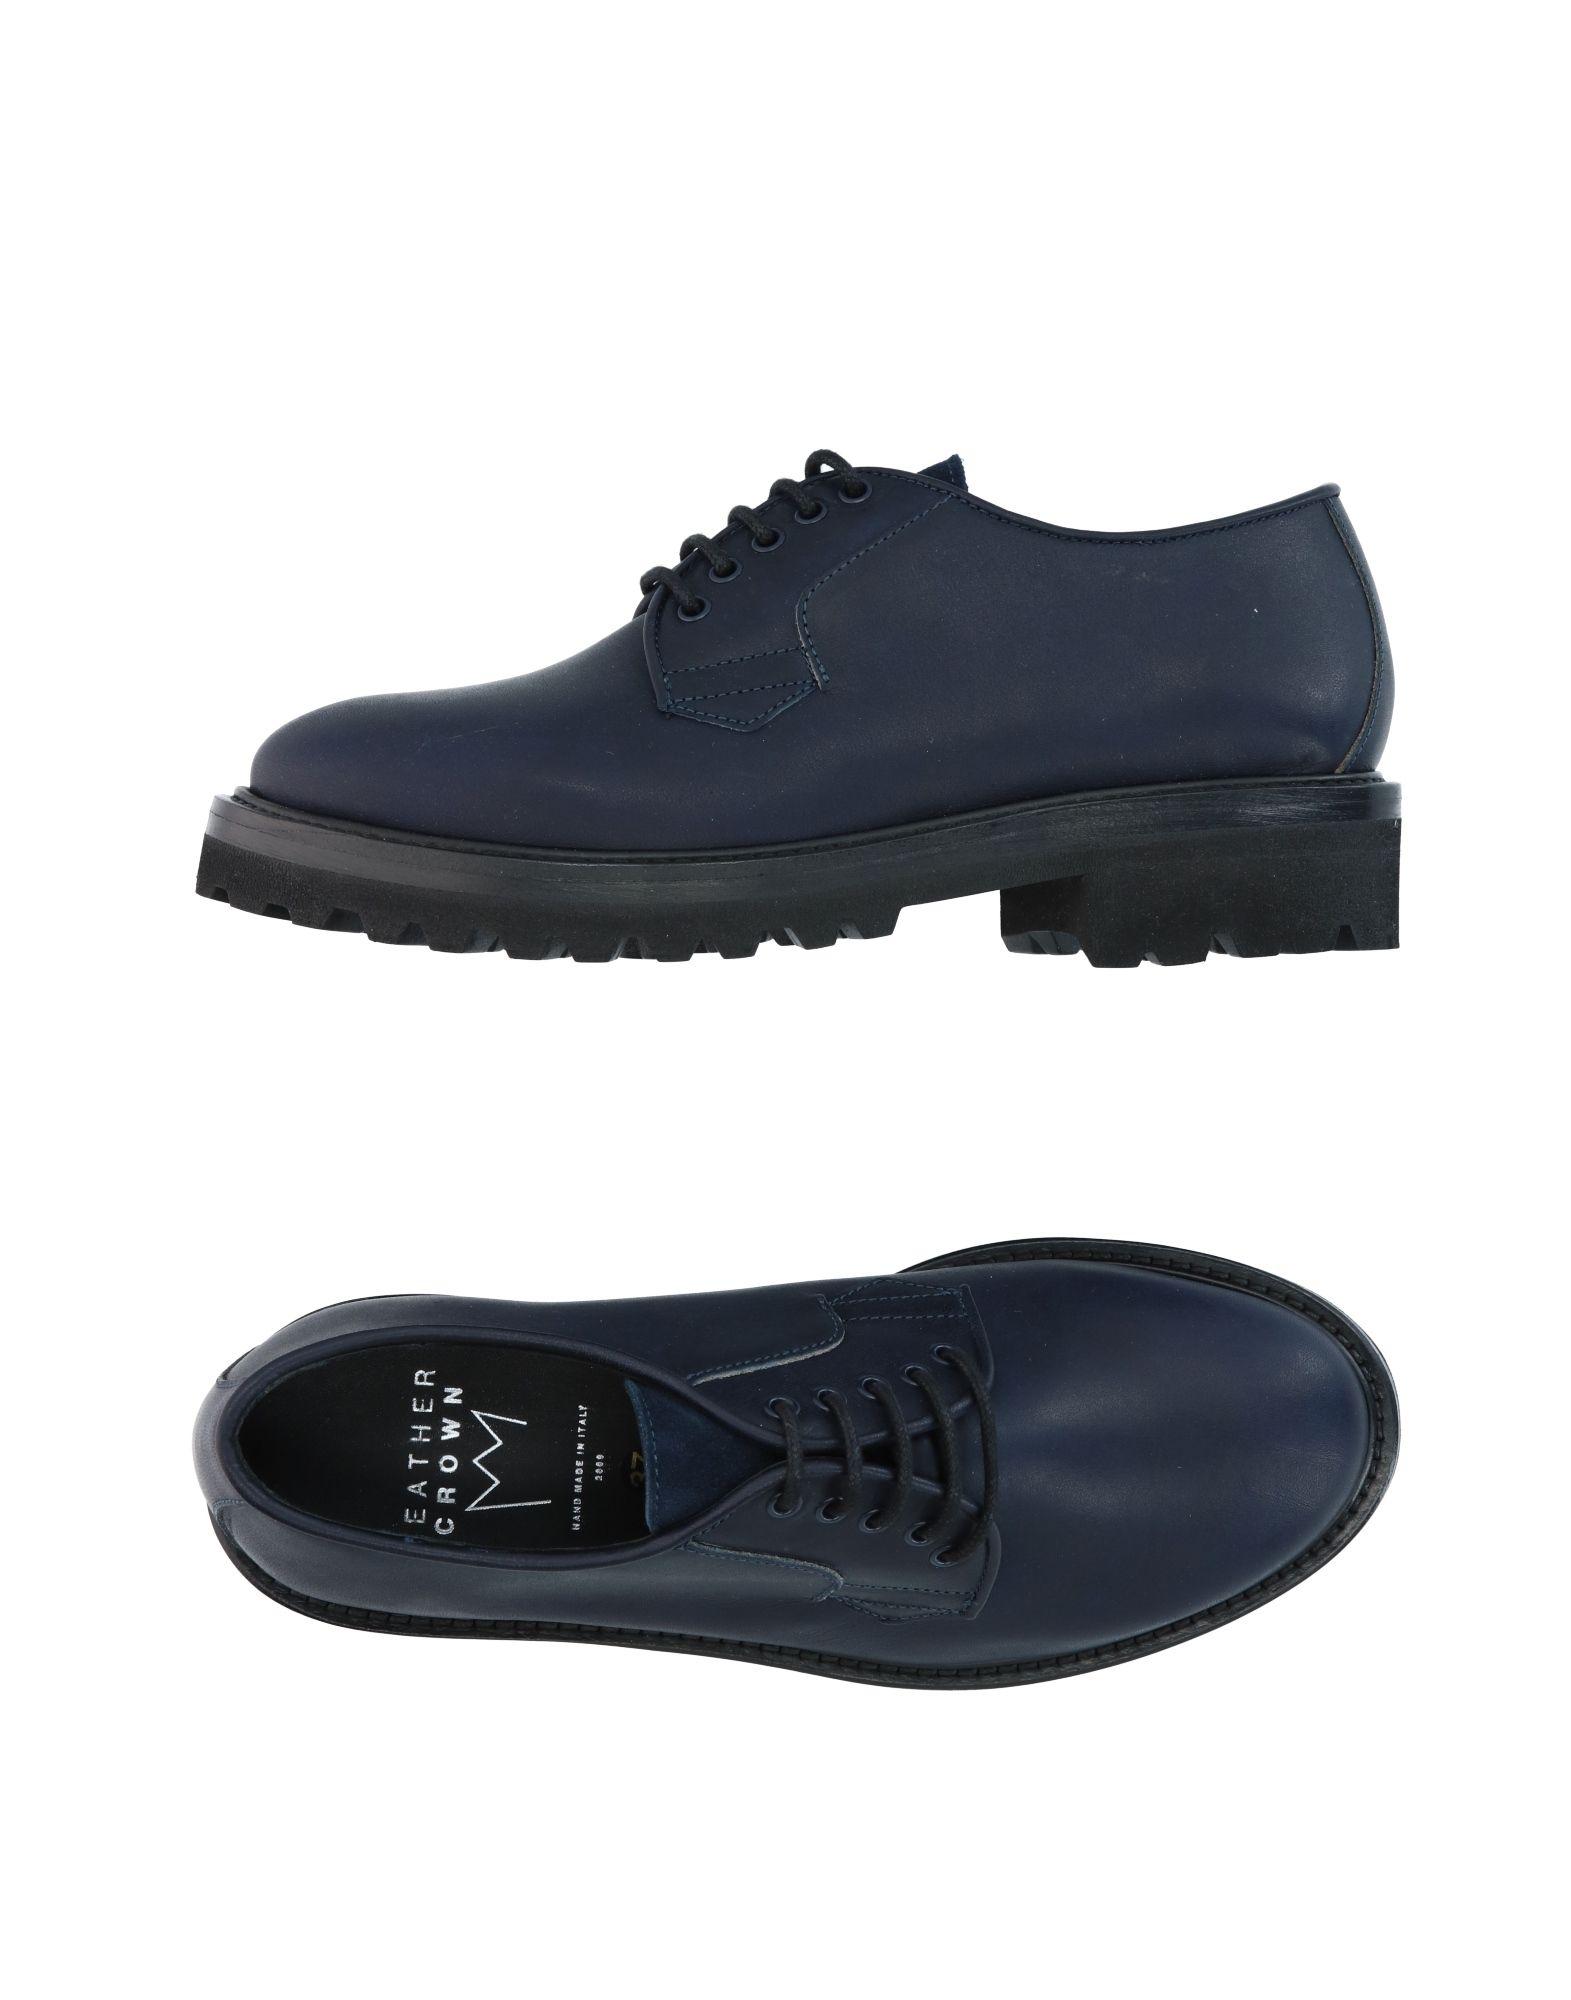 Leather Crown Schnürschuhe Schnürschuhe Crown Damen  11309545ED Neue Schuhe 5a7add